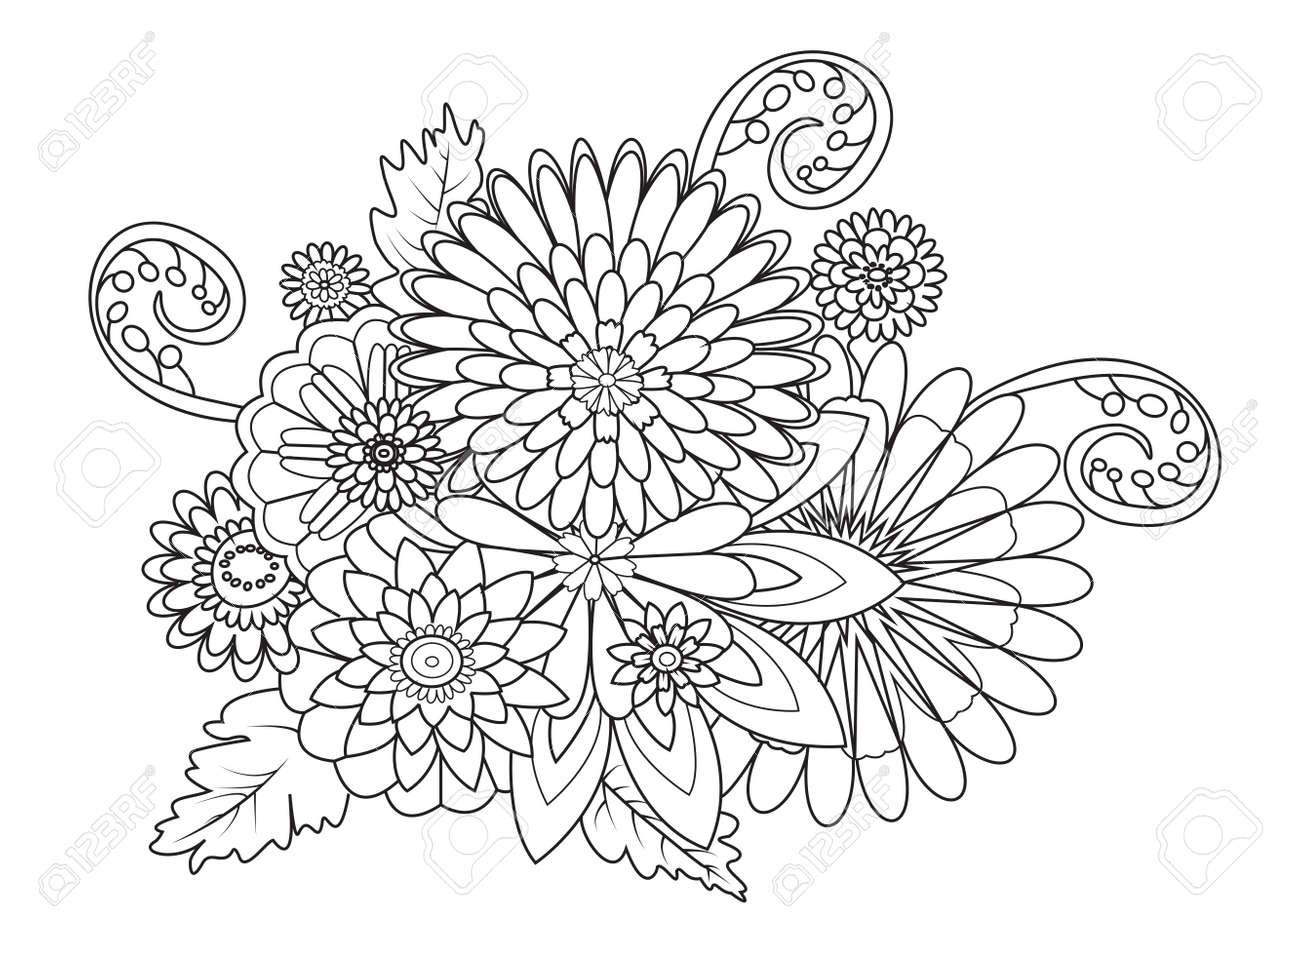 花の装飾飾り大人ベクトル イラストの塗り絵のイラスト素材ベクタ